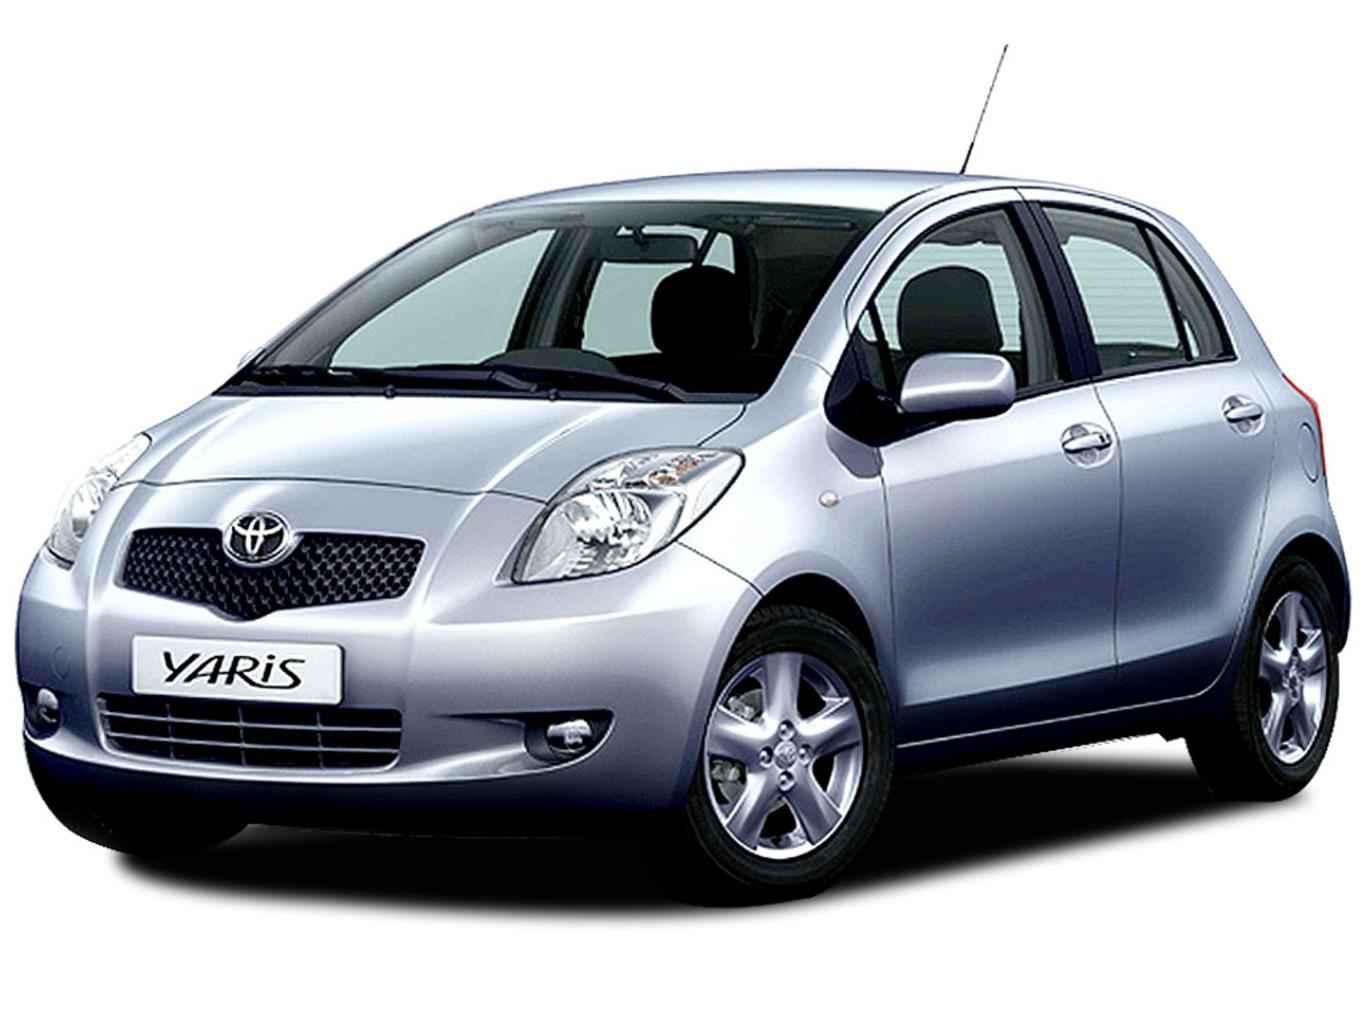 ��� � ����� ������� ����� ������ ���� , 2016 Toyota Yaris YX 2015_1410133391_413.